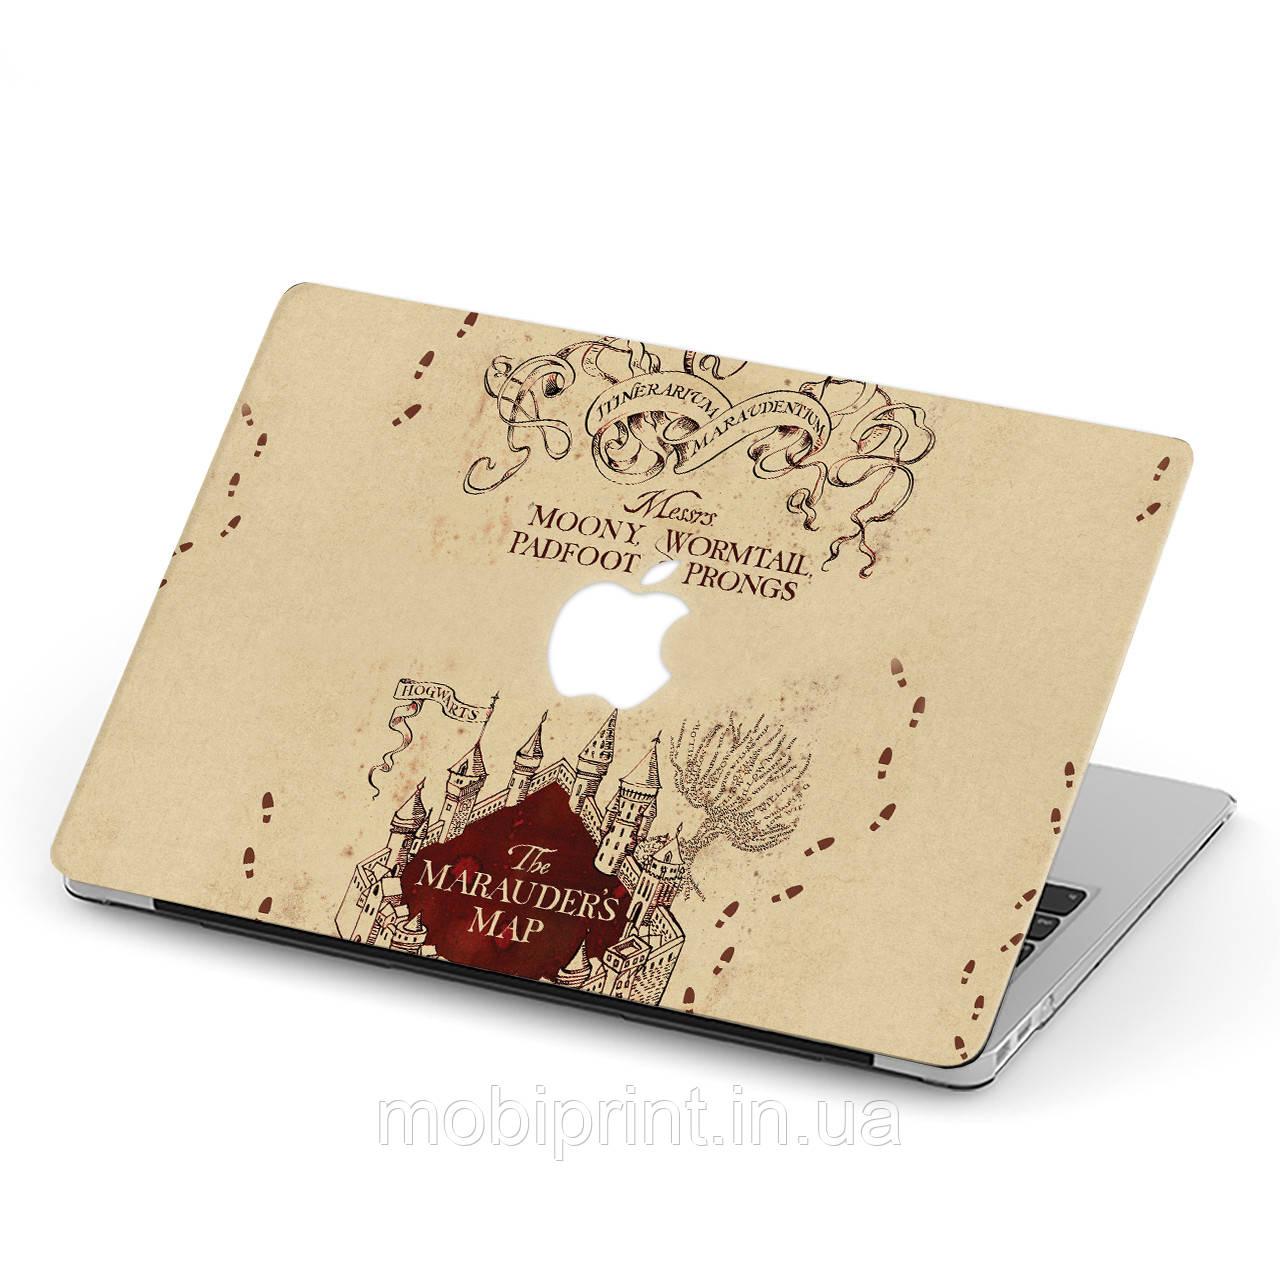 Чехол пластиковый для Apple MacBook Pro / Air Гарри Поттер (Harry Potter) макбук про case hard cover